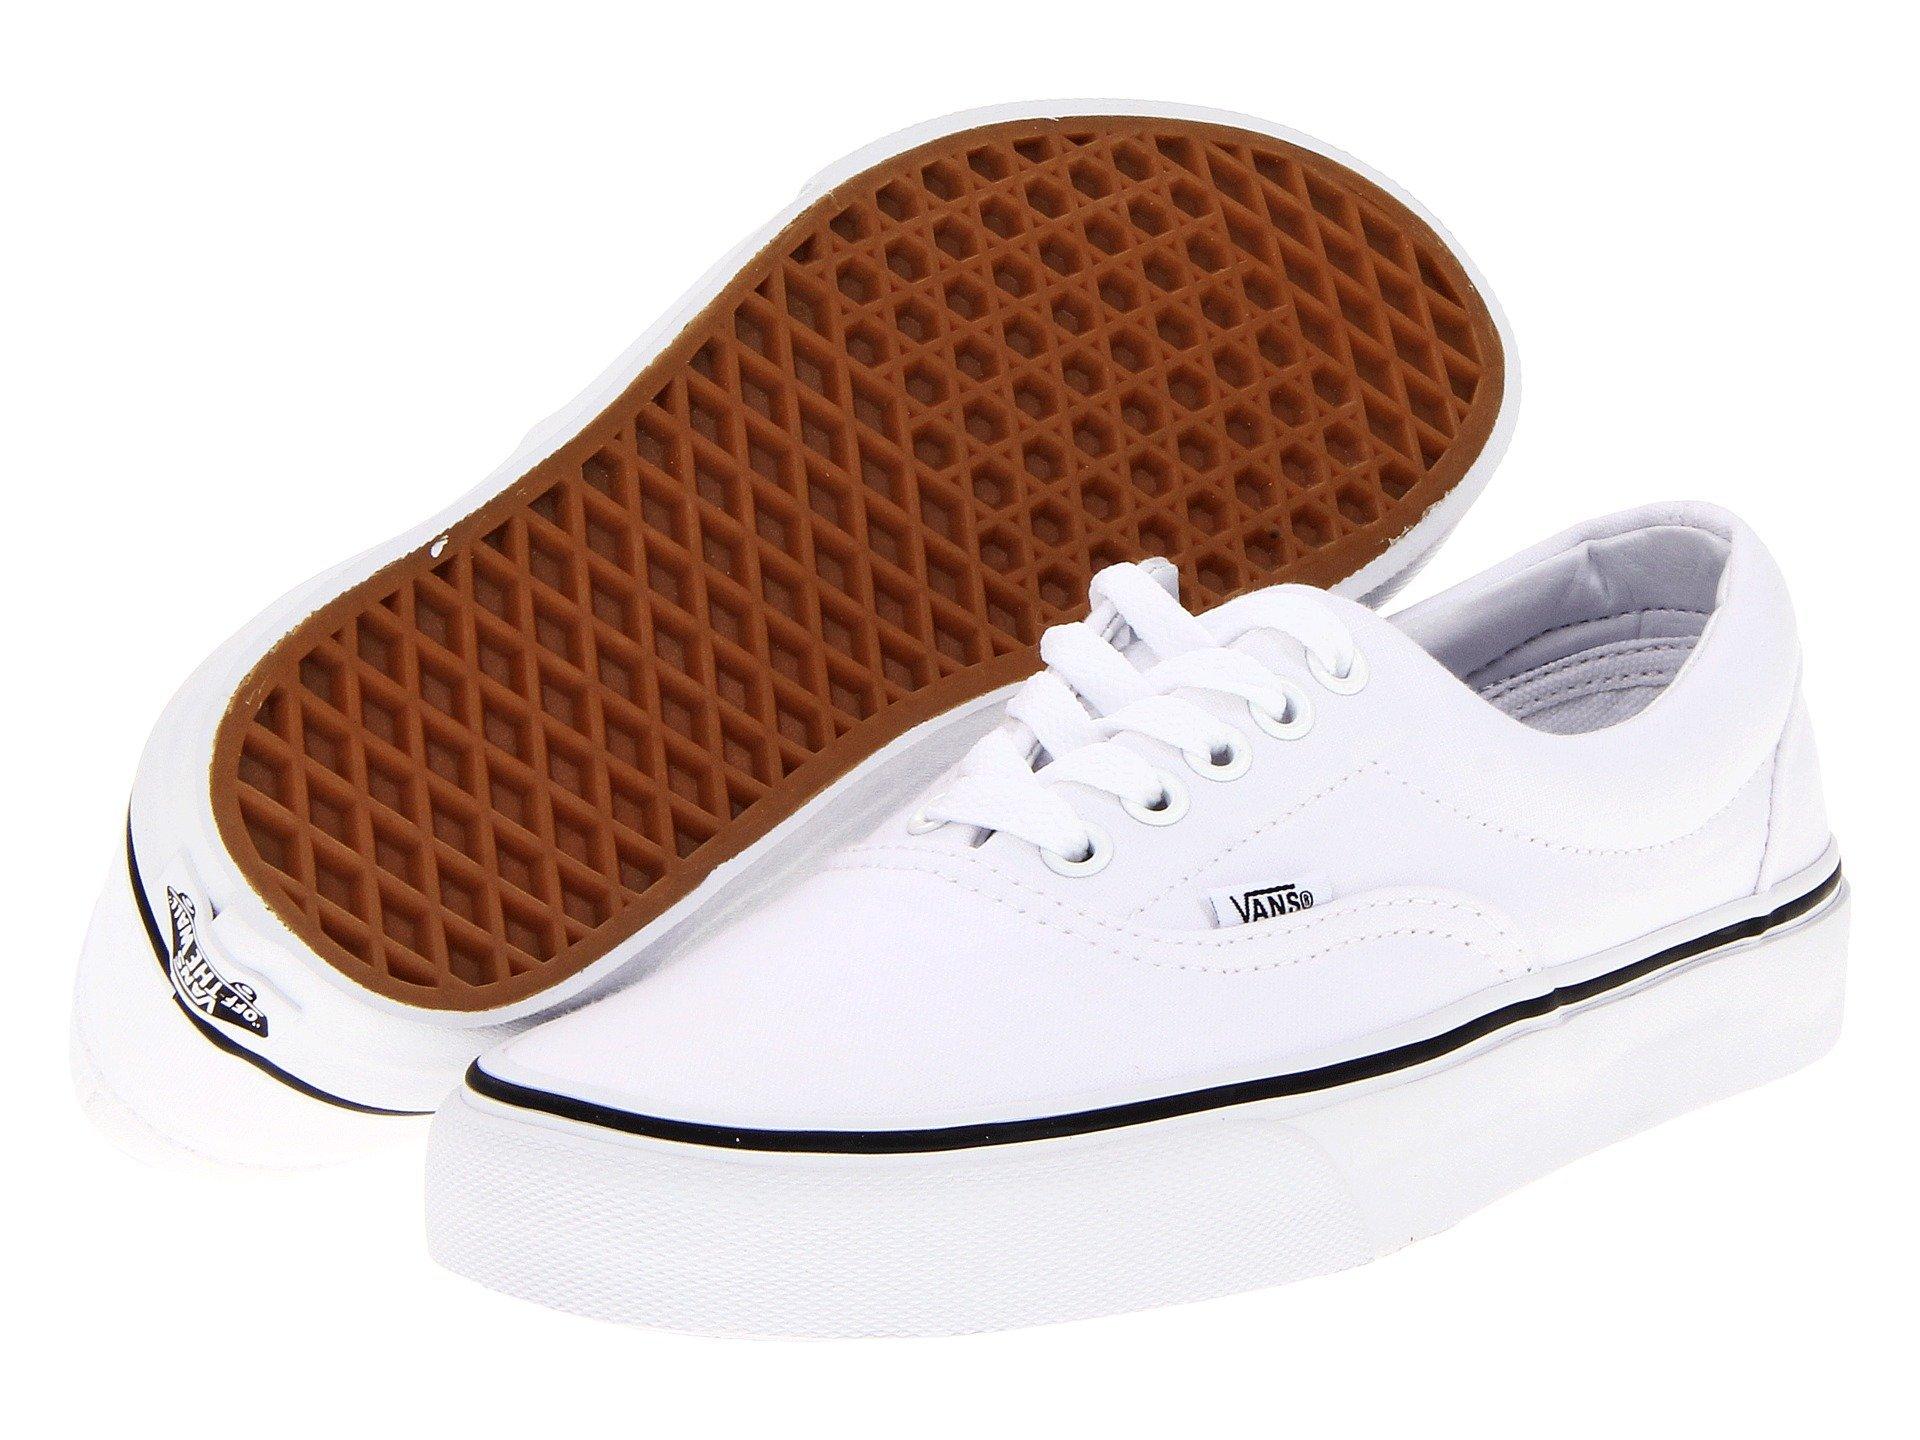 Vans Unisex Era True White Skate Shoe 5 Men US/6.5 Women US